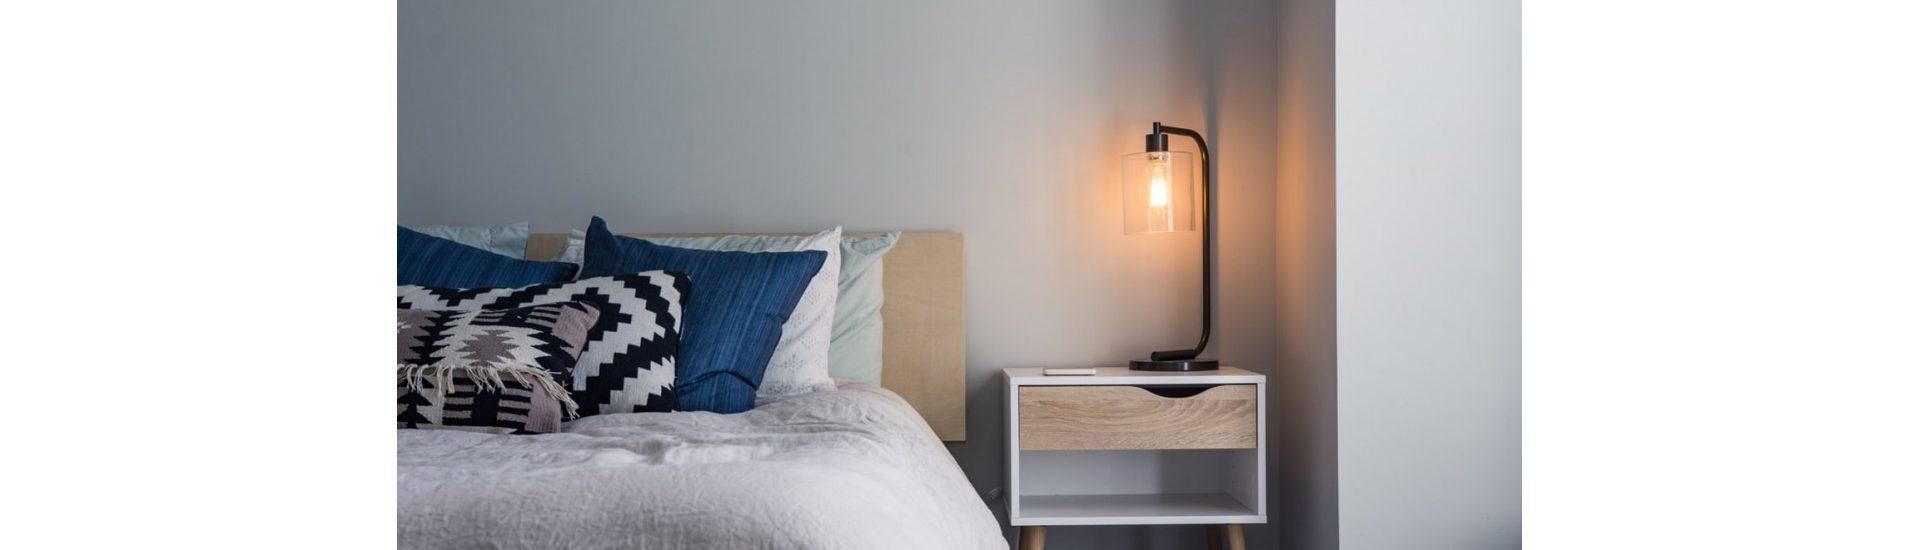 3 opciones de iluminación para decorar tu casa